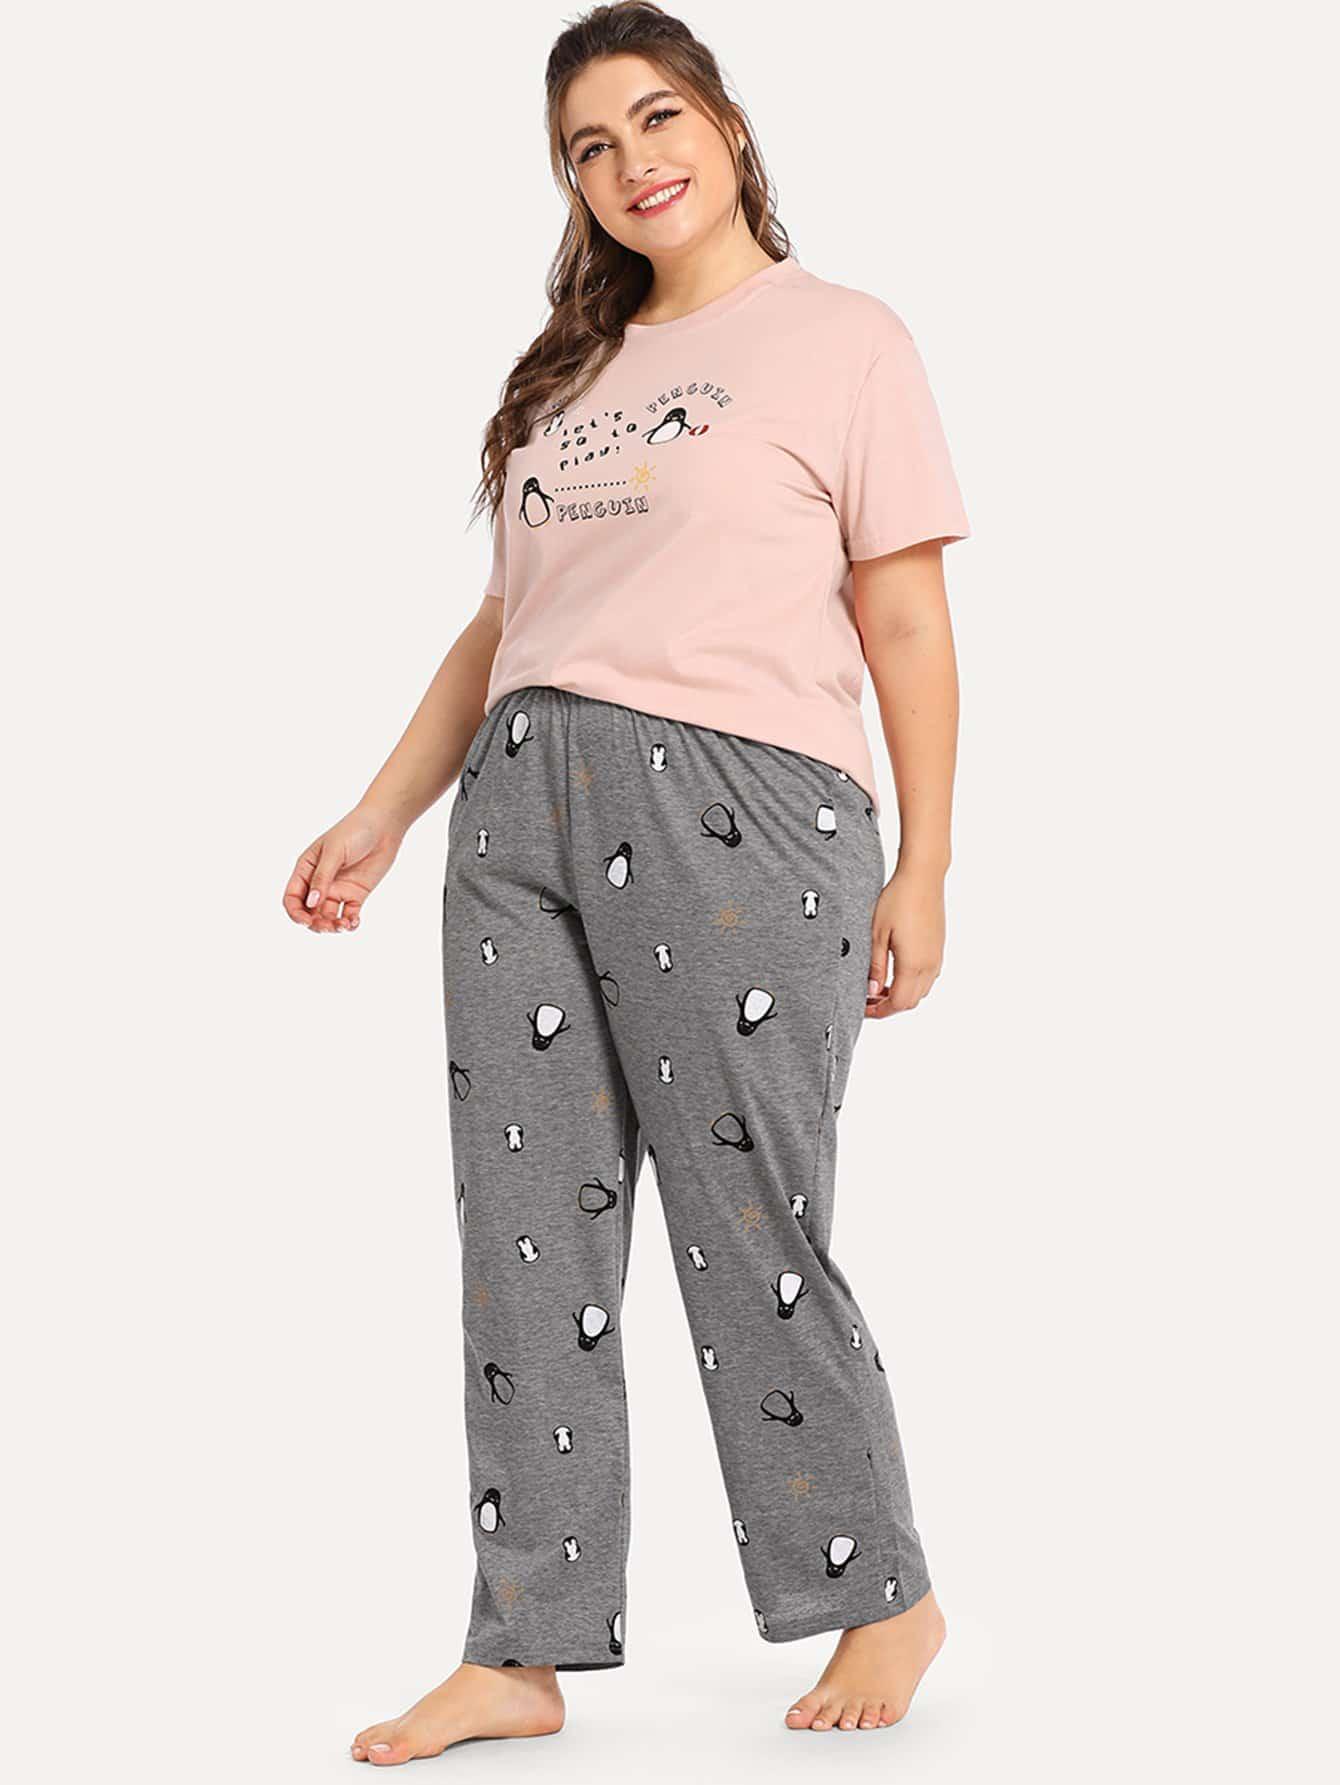 Купить Комплект большой пижамы с принтом пингвина и букв, Franziska, SheIn